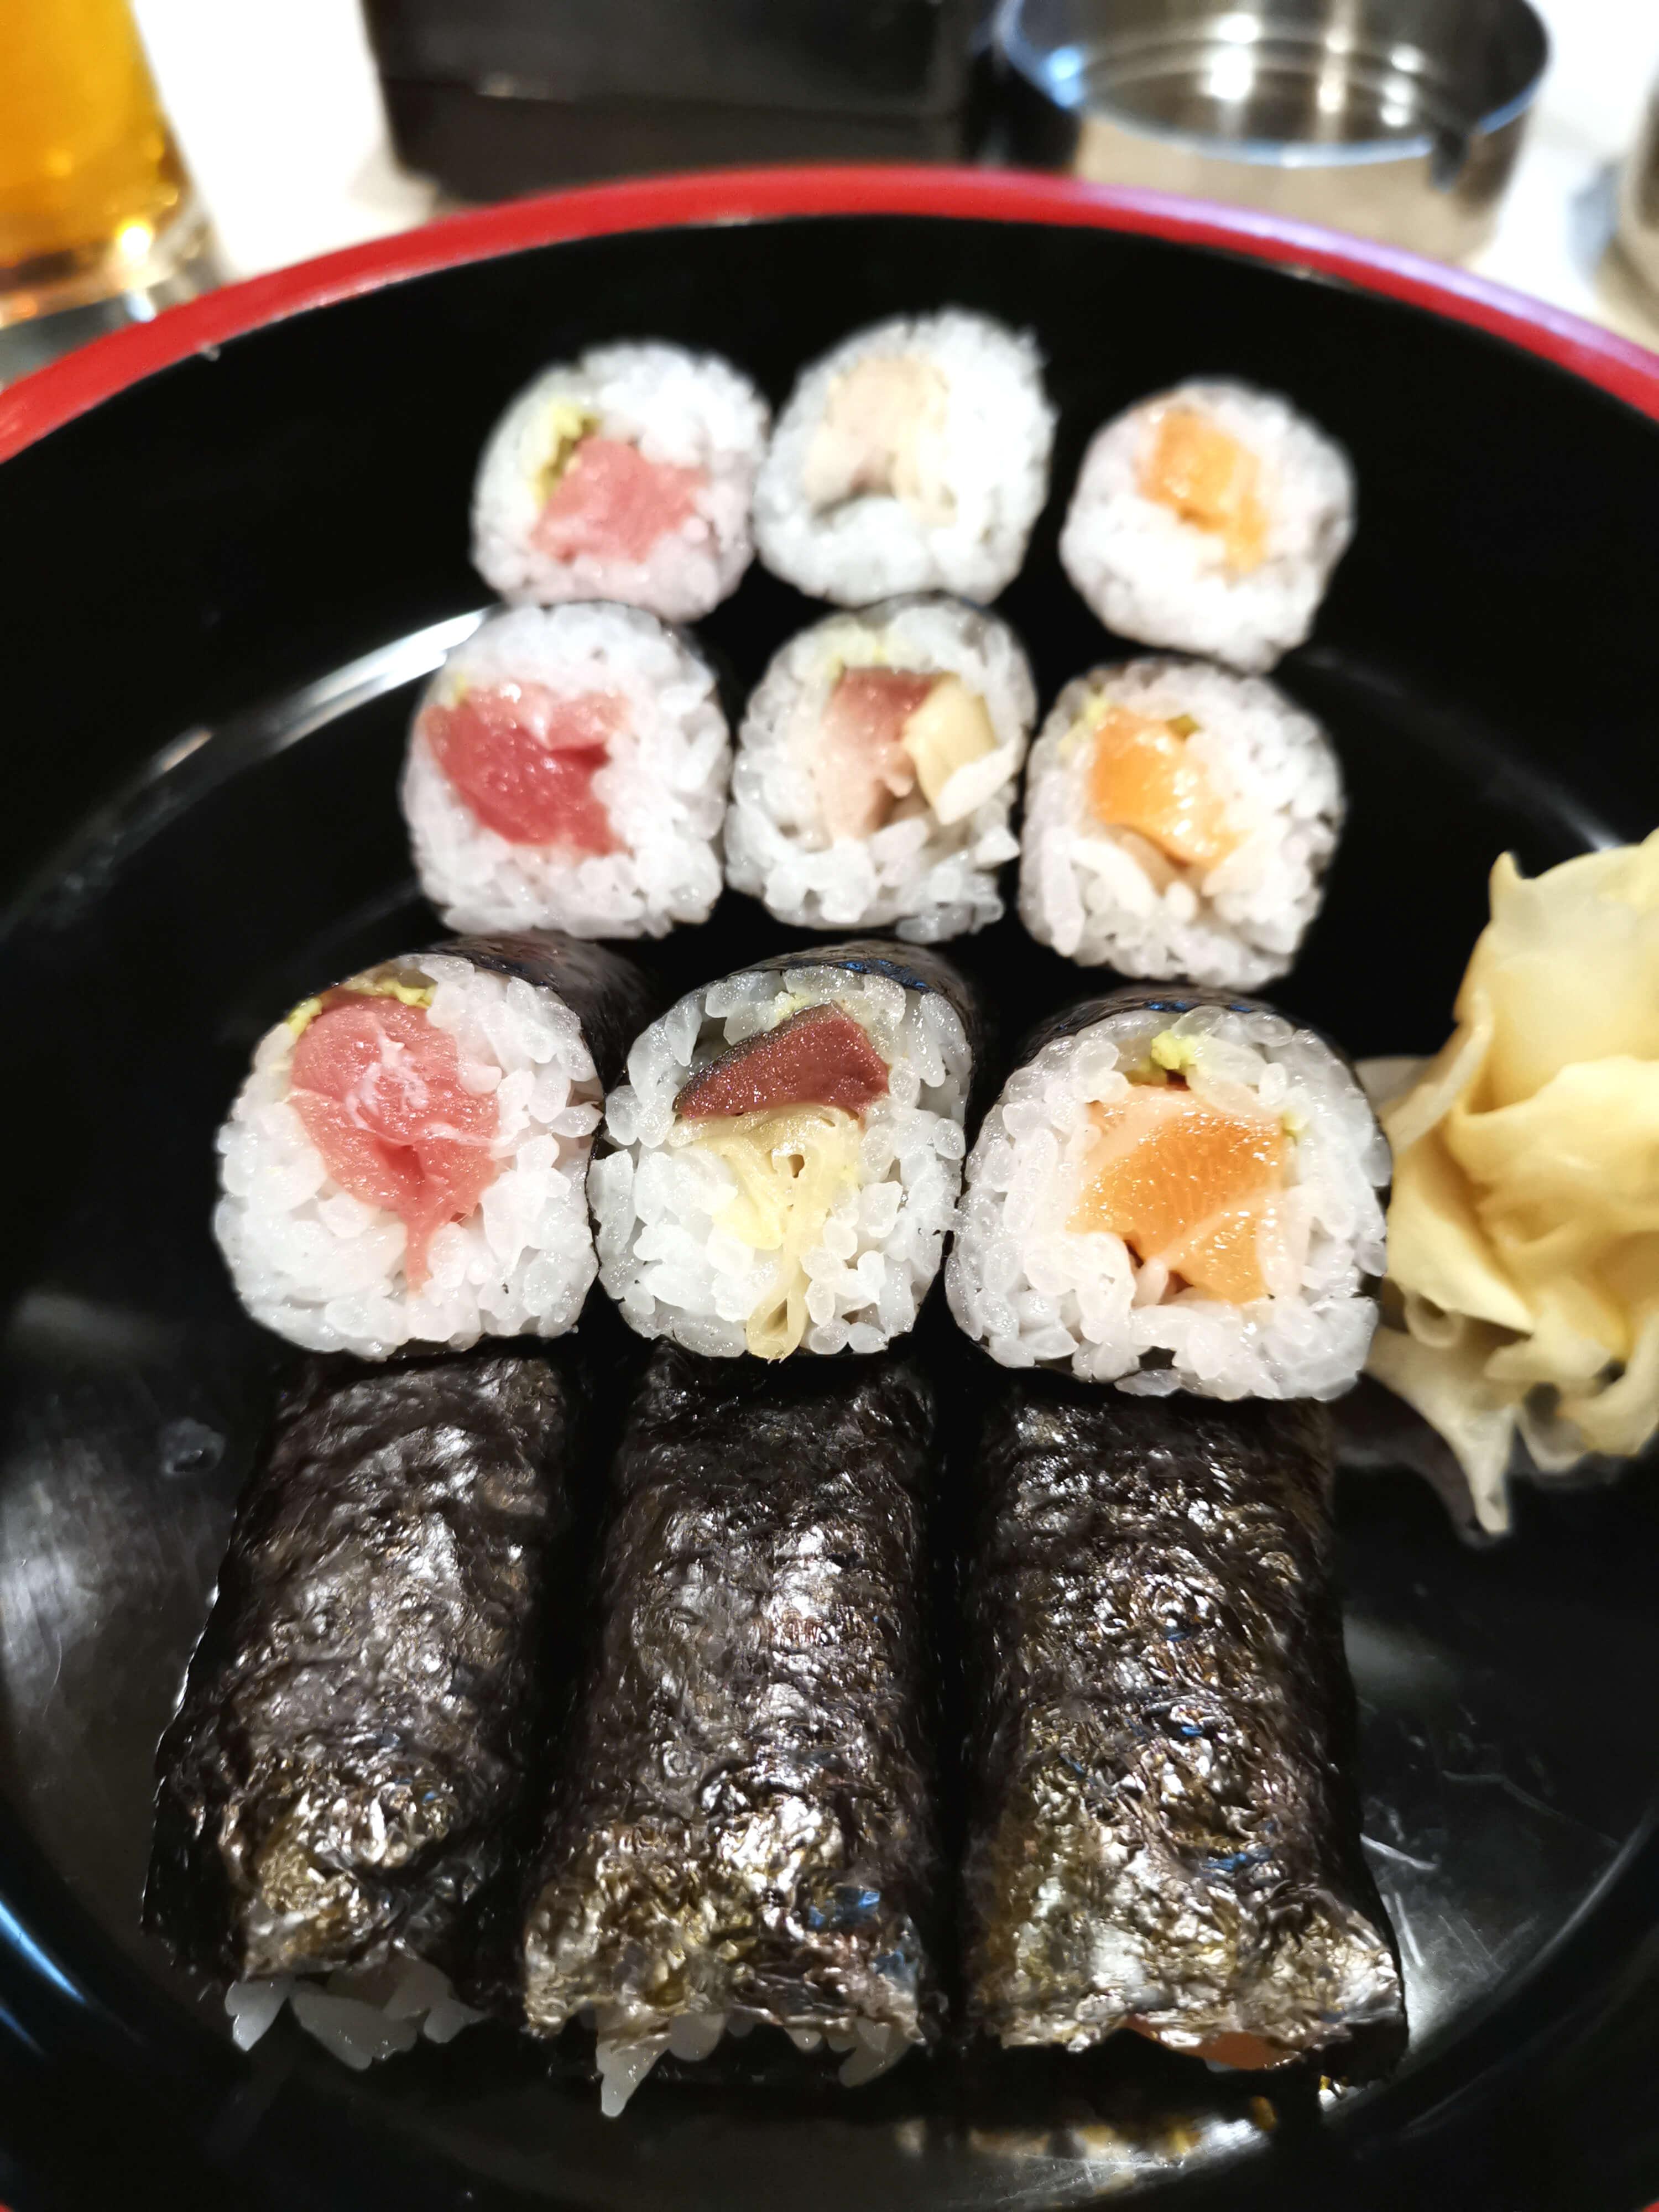 巻物マグロ350円ガリ鯖220円サーモン170円